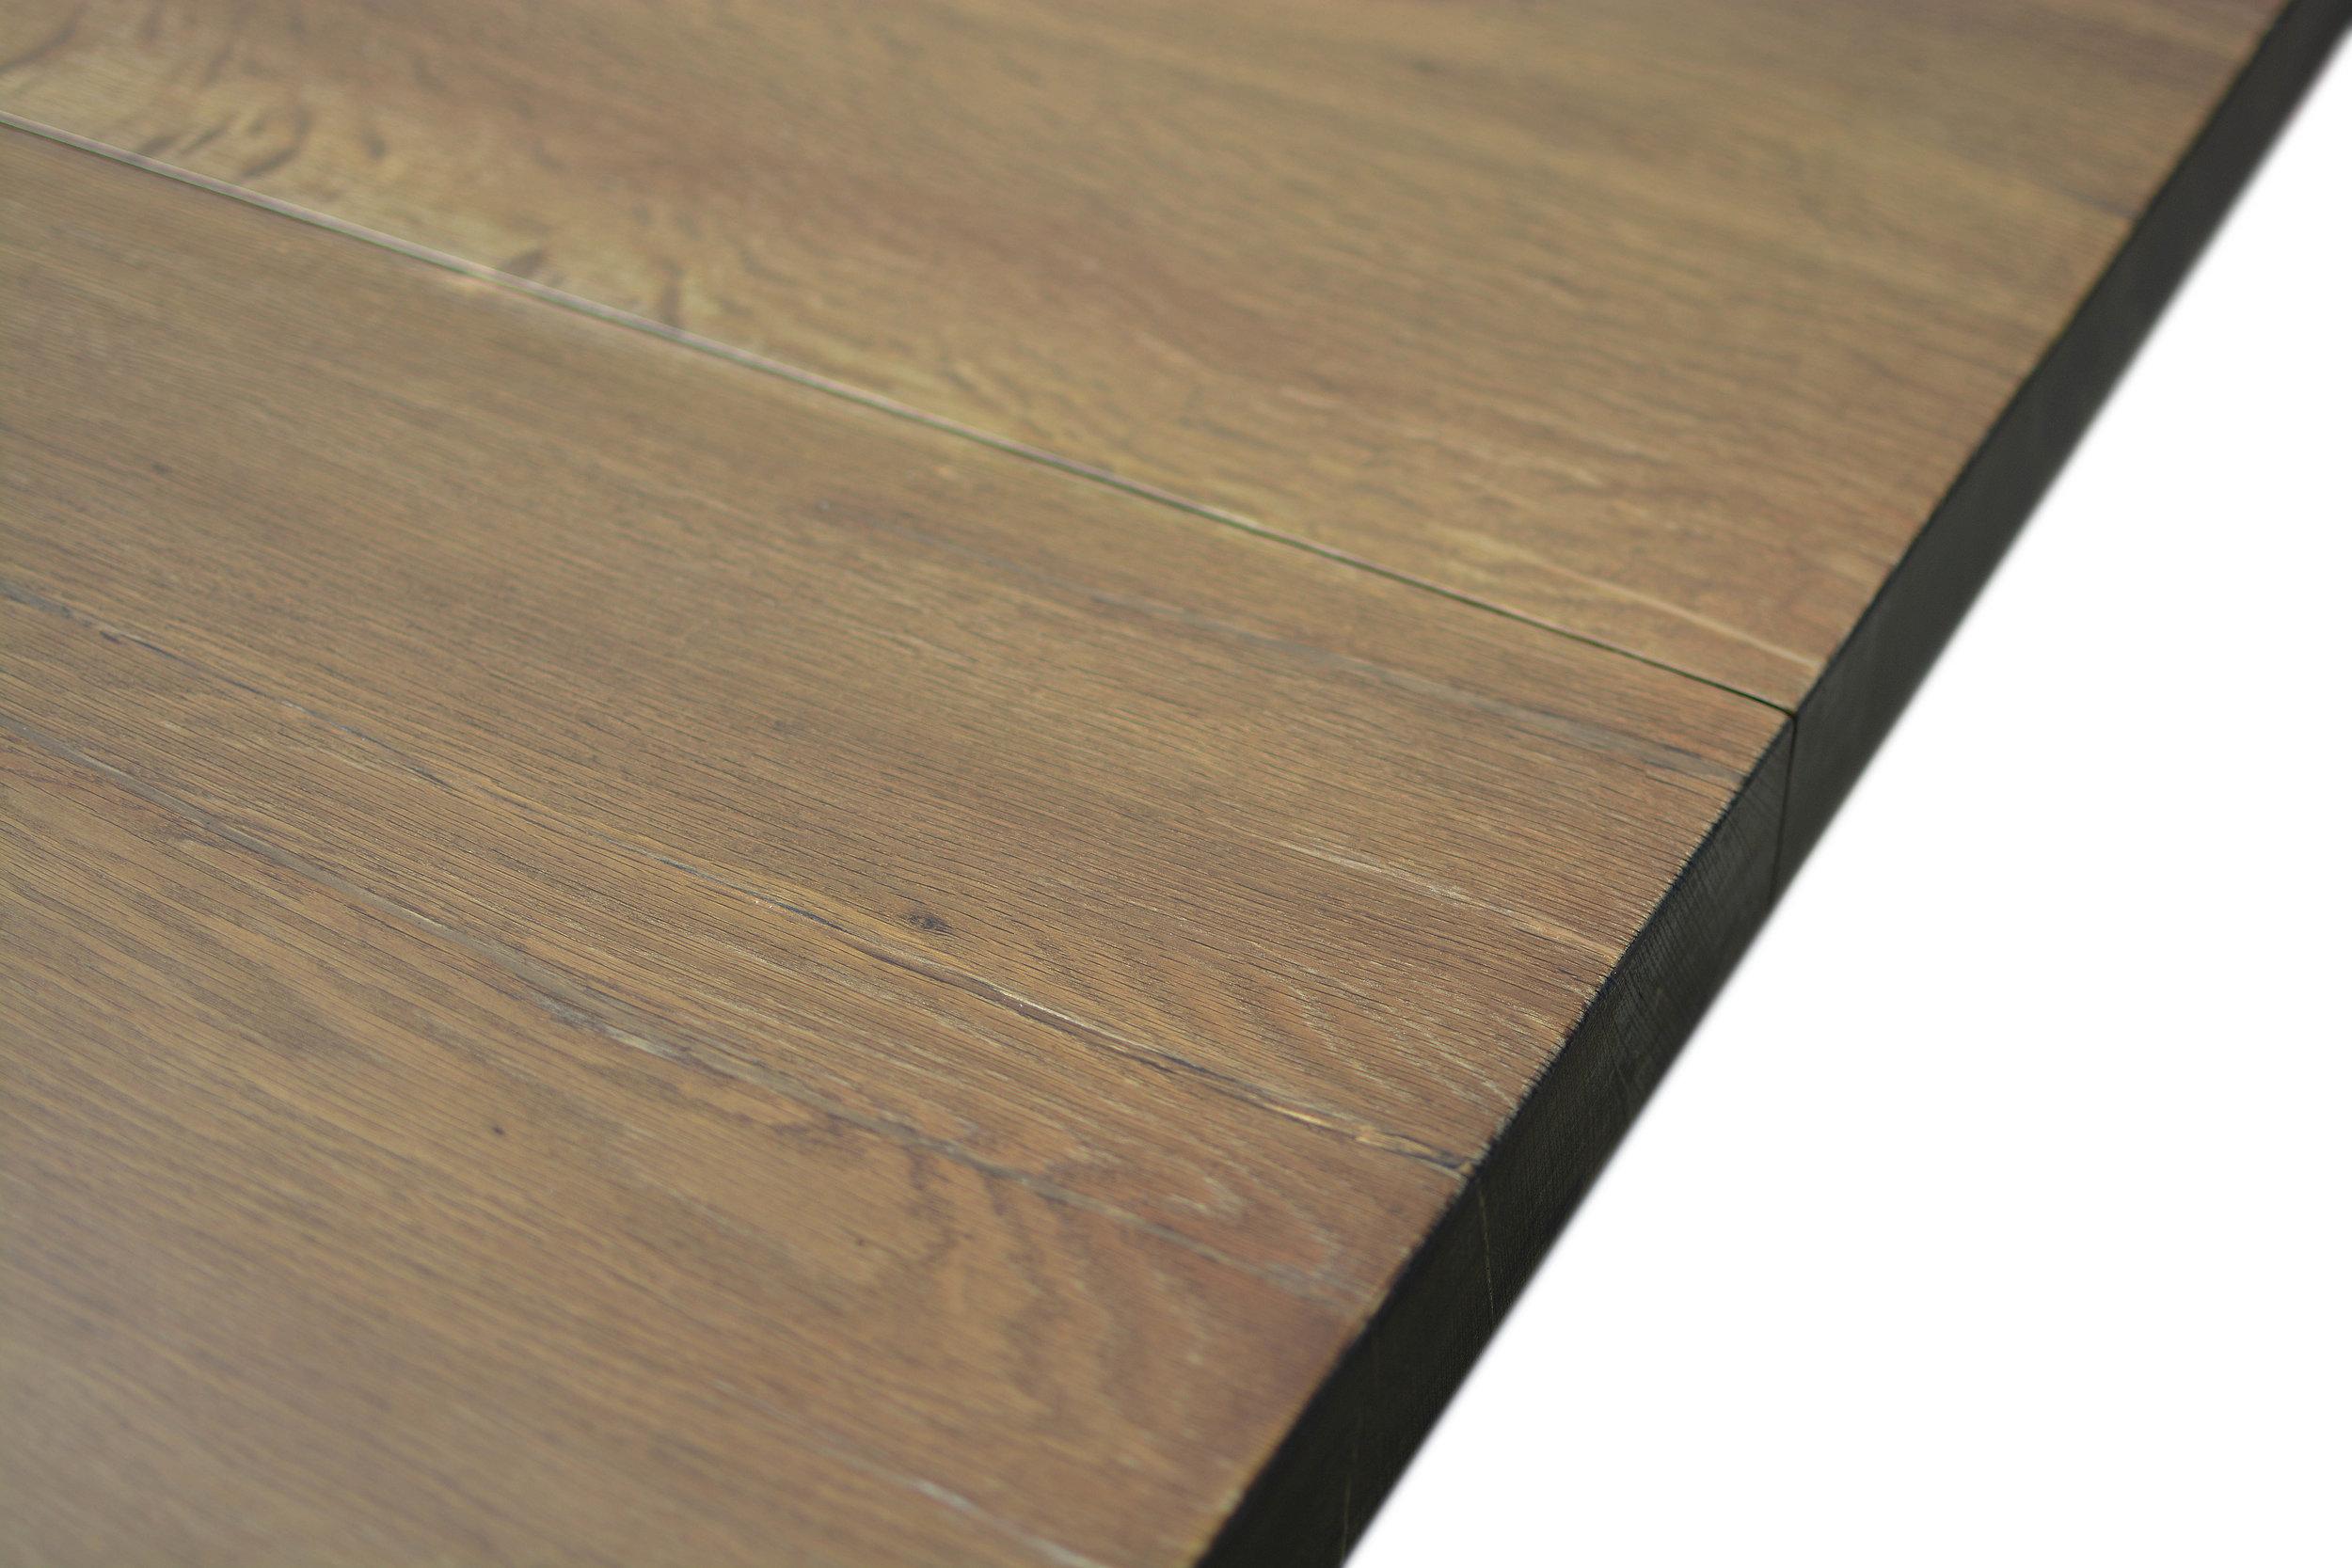 Etz & Steel Walden Live Edge Table Close Up 5.JPG